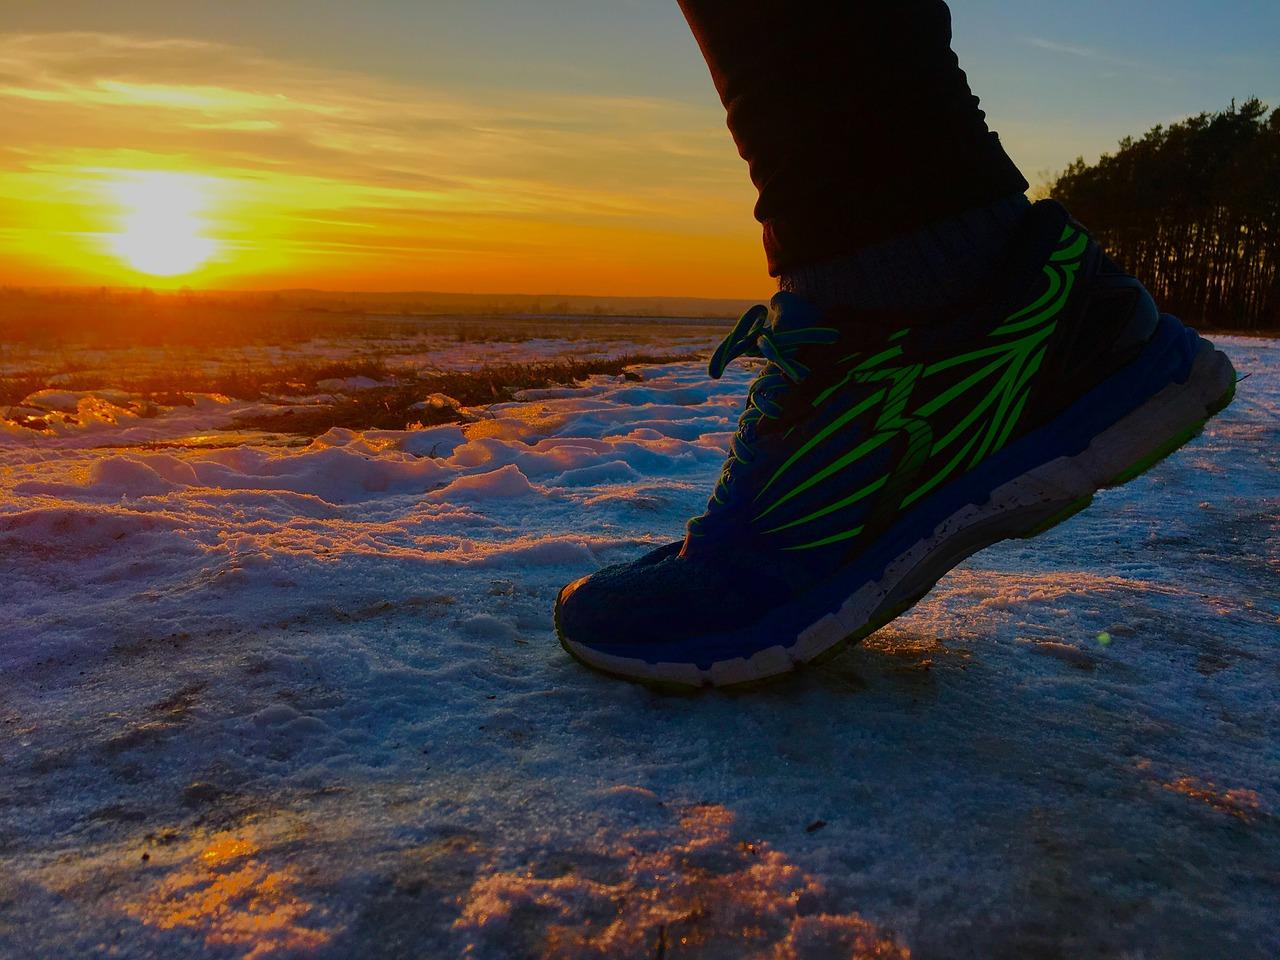 Necesito zapatillas nuevas… ¿Cómo elegirlas?